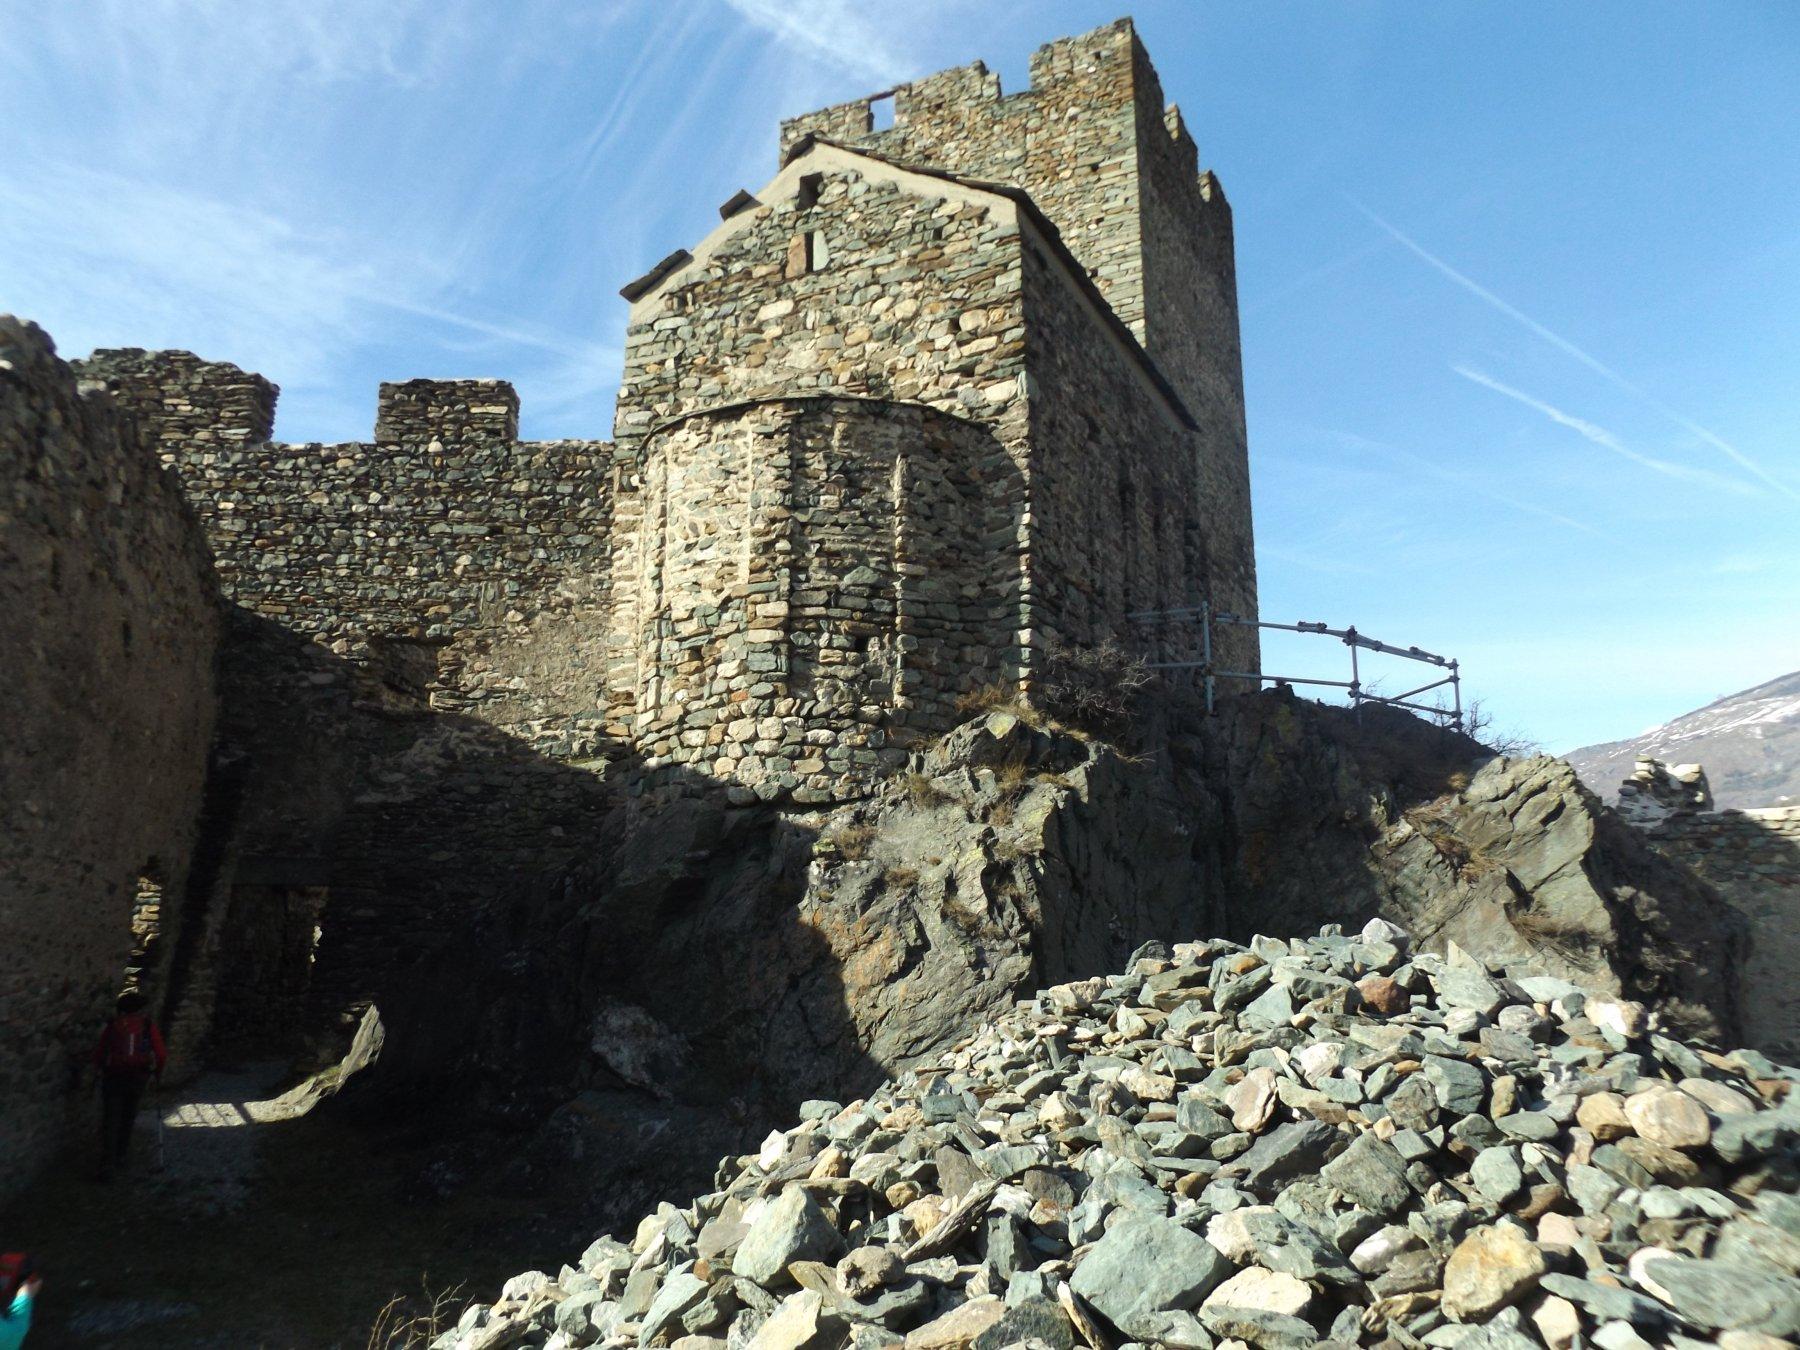 Interno del castello con chiesetta